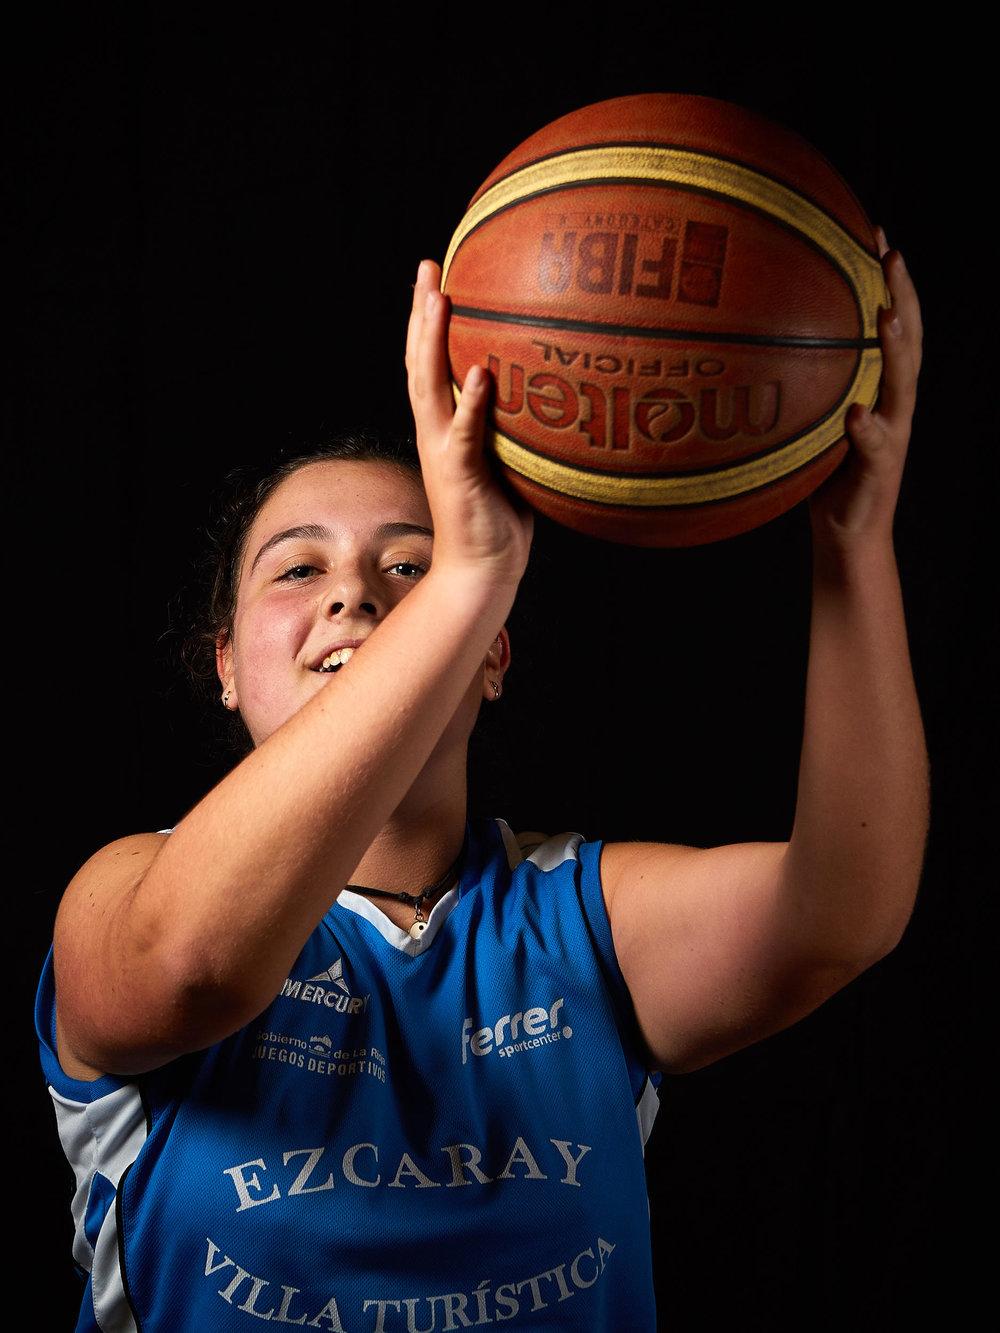 11/11/16 Club de Baloncesto, Ezcaray, La Rioja, España. Foto de James Sturcke | www.sturcke.org